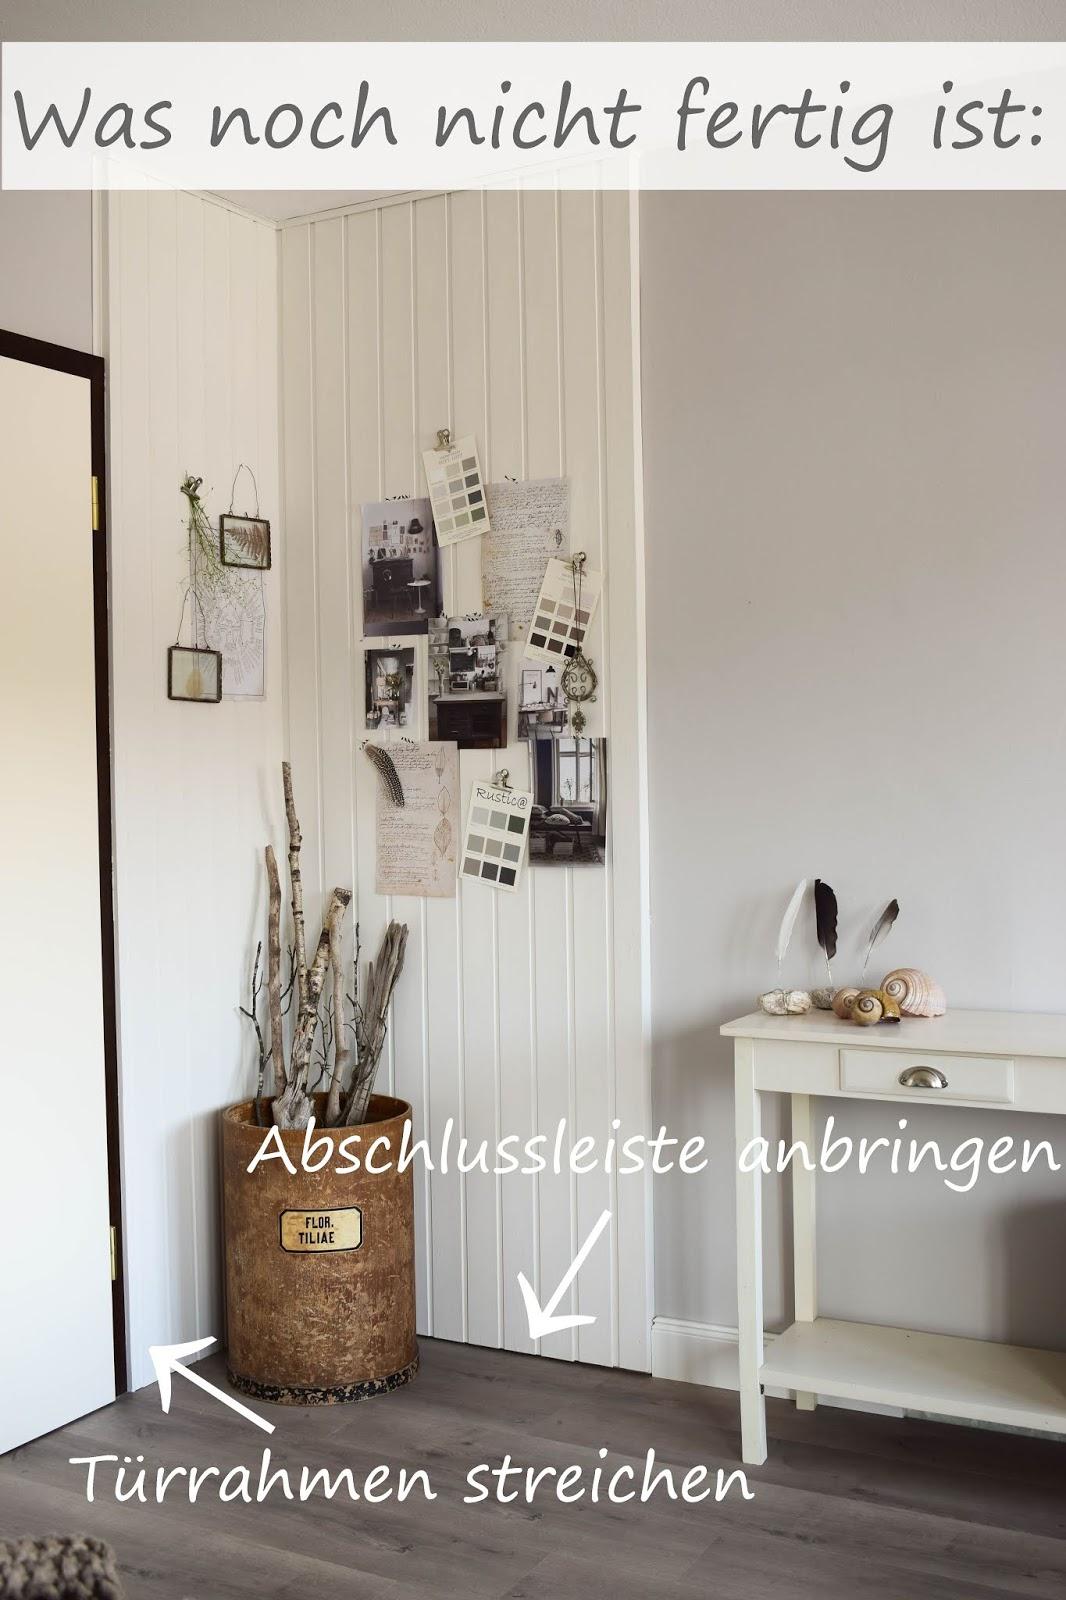 Dekoidee Wandverkleidung DIY aus Holz Moodboard Inspirationswand Kreidefarbe von Painting the Past Renovierung Vertaefelung Beadboard selber machen